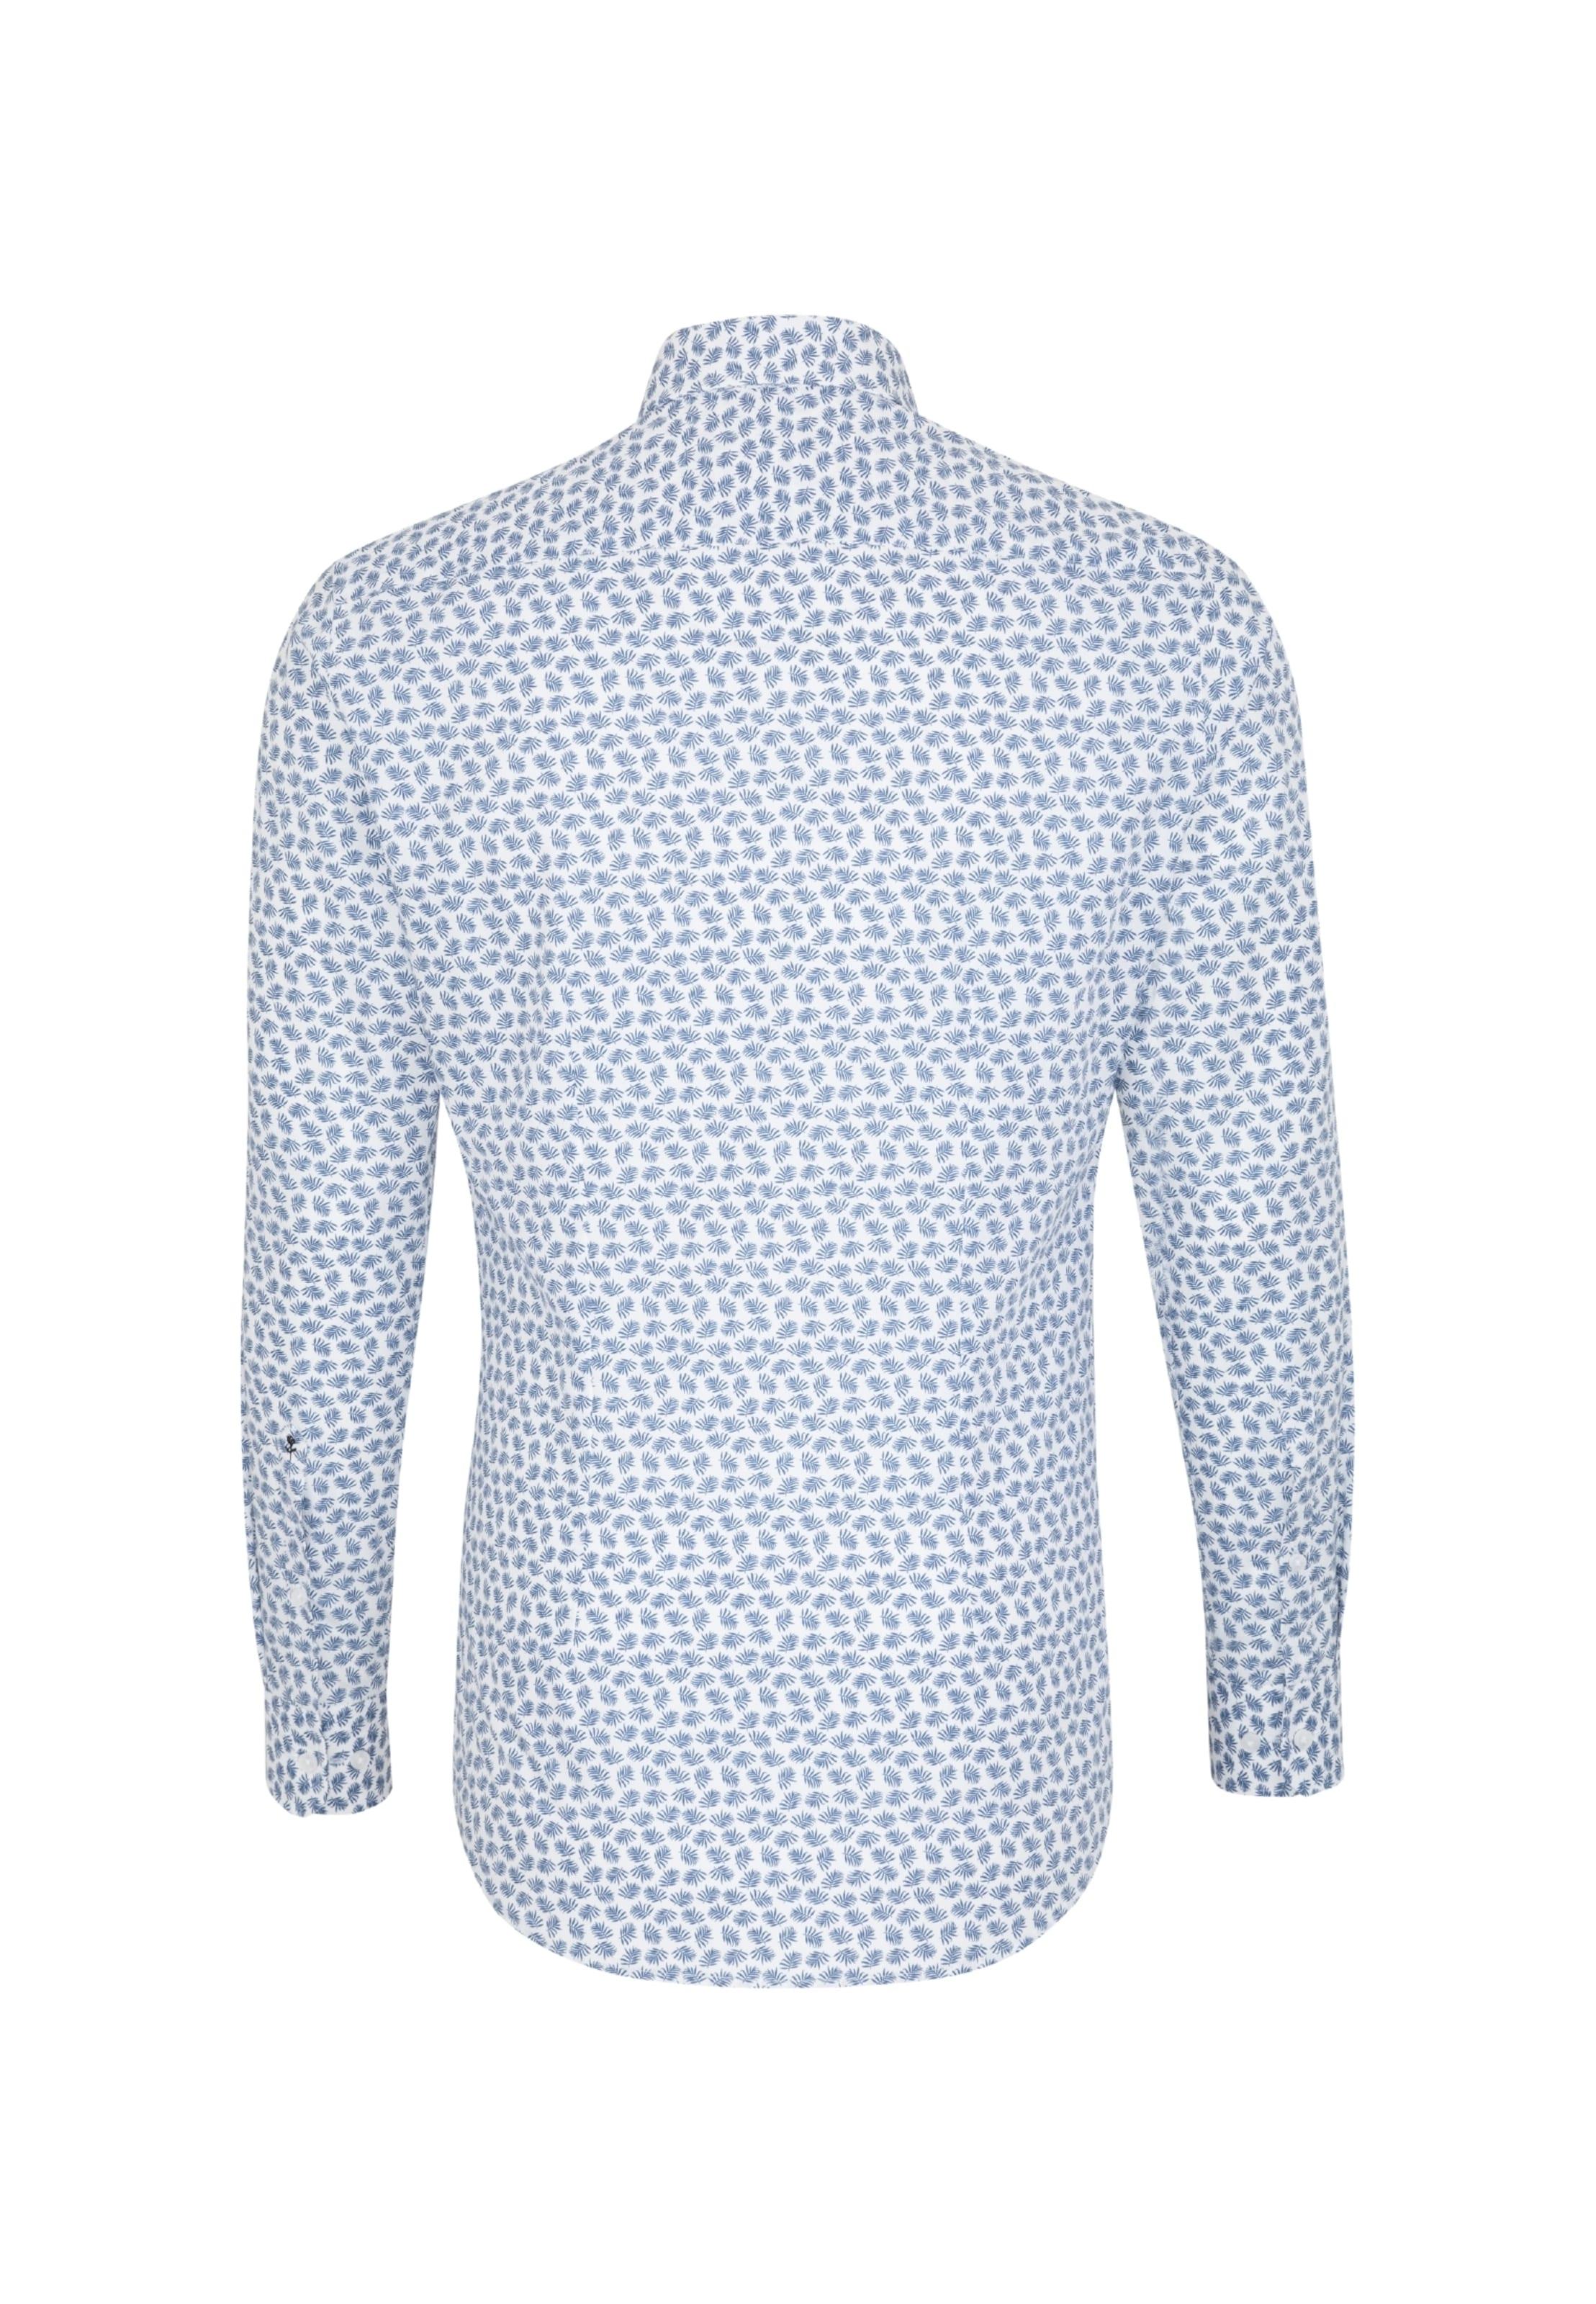 Seidensticker In Hemd BlauWeiß Seidensticker In BlauWeiß Hemd UVpSzM